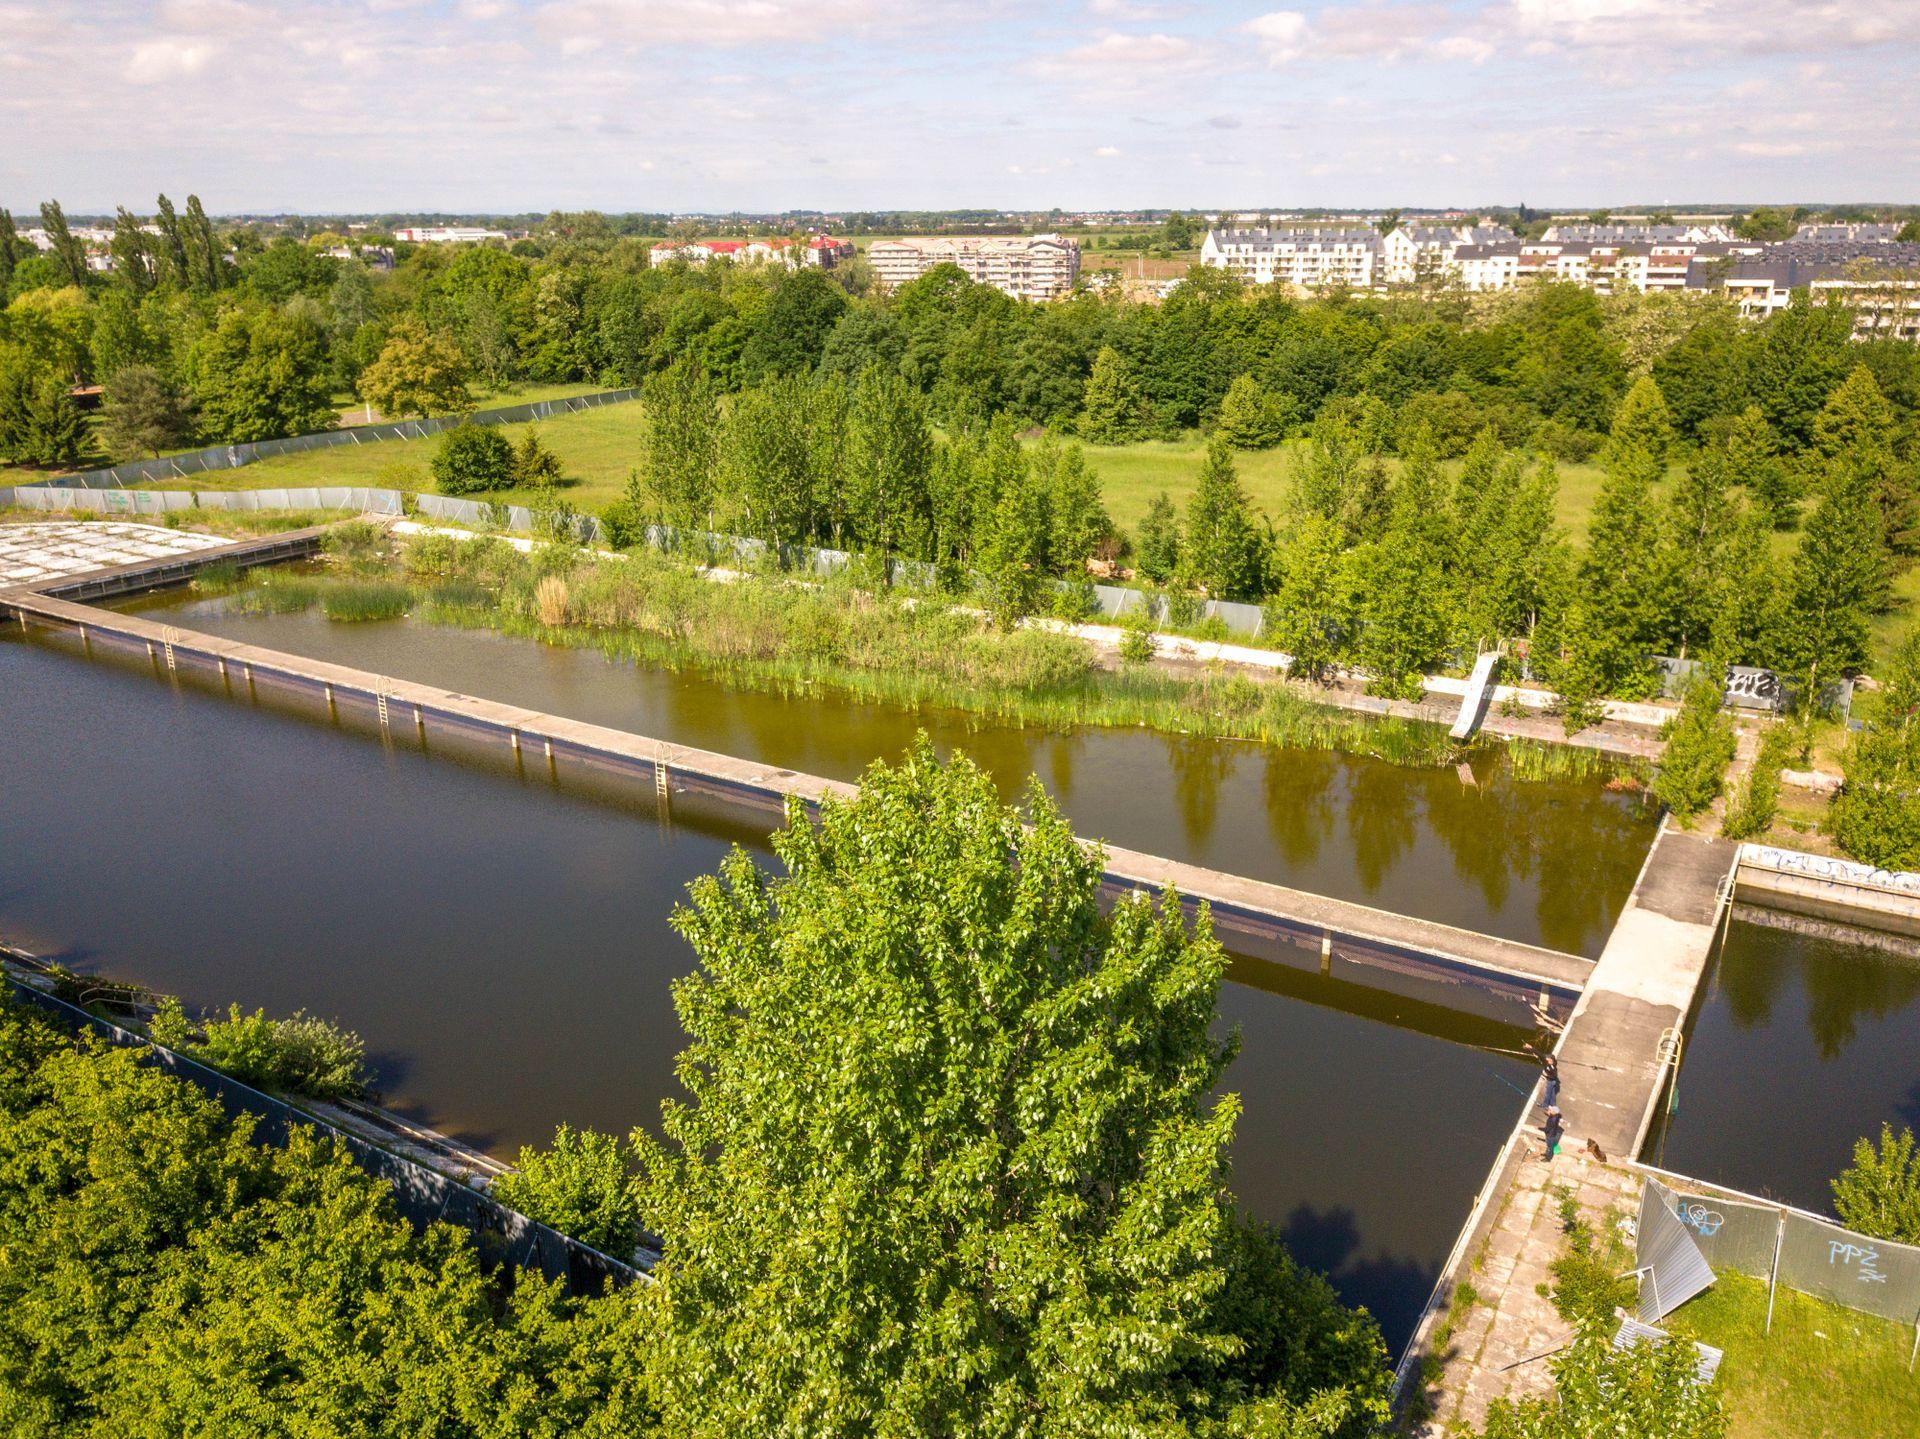 Wrocław: Państwowe działki przy oporowskim kąpielisku bliskie sprzedaży. Są warte kilkanaście milionów